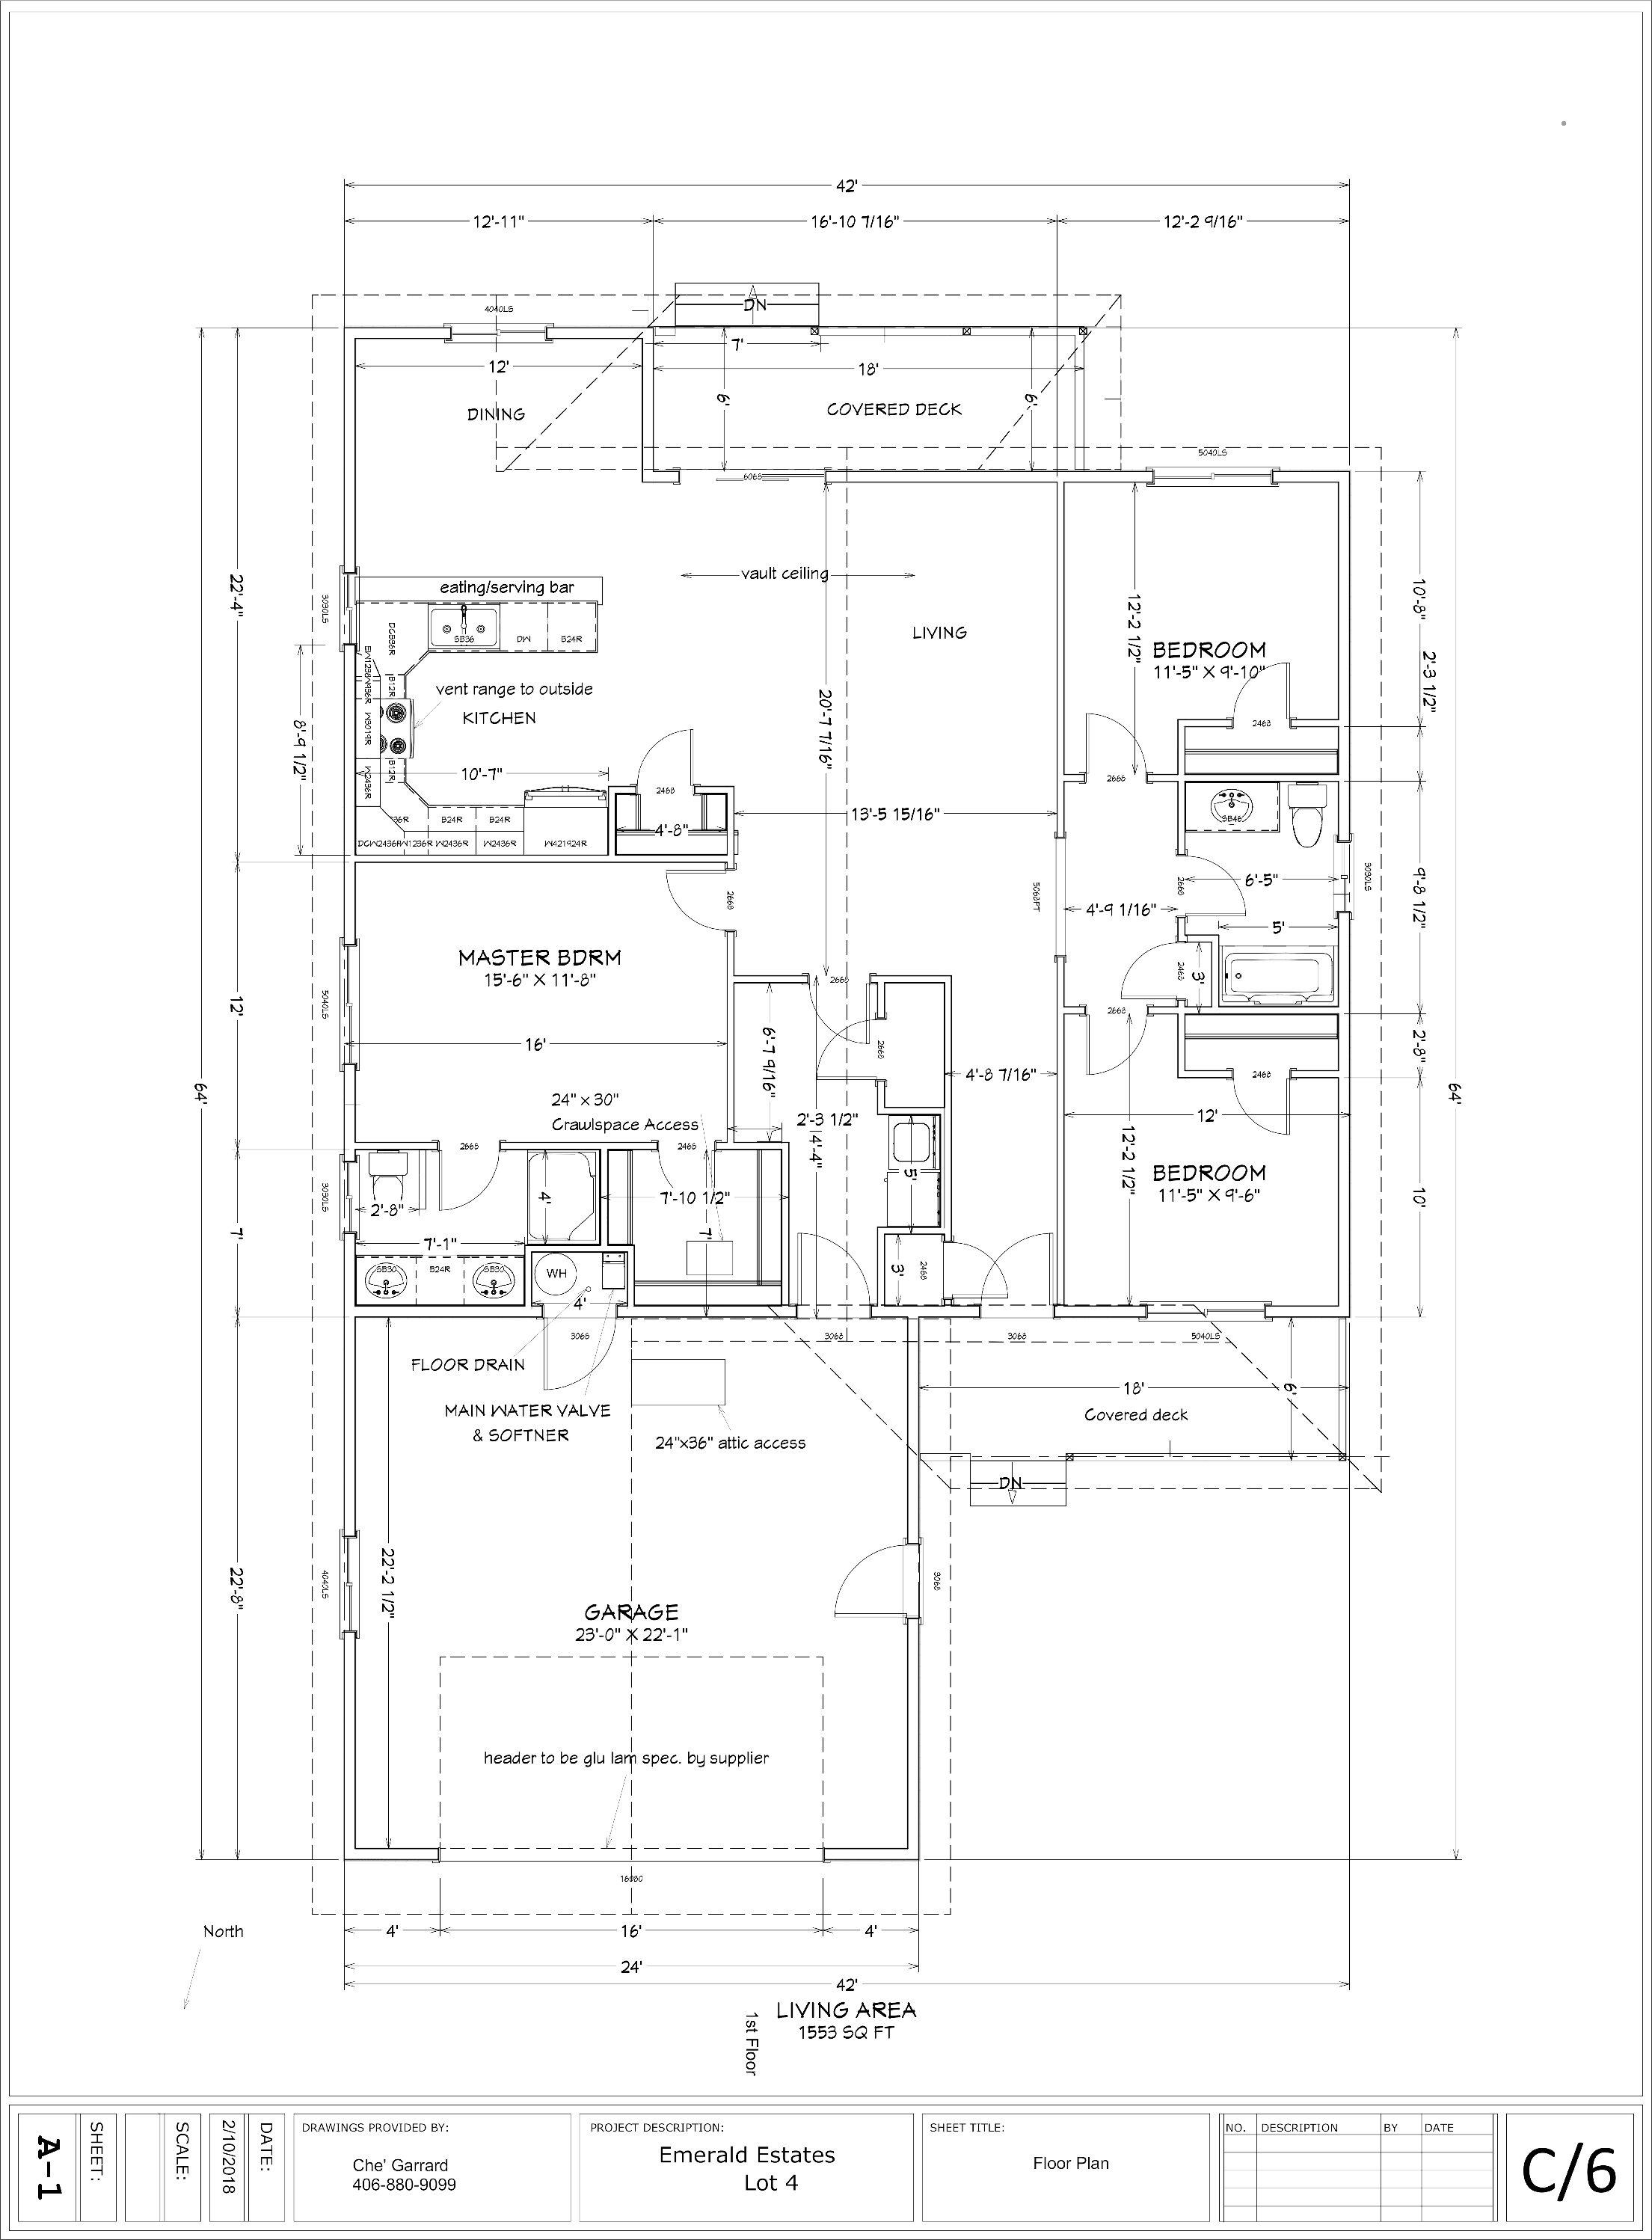 Lot 1 & 4 floorplan